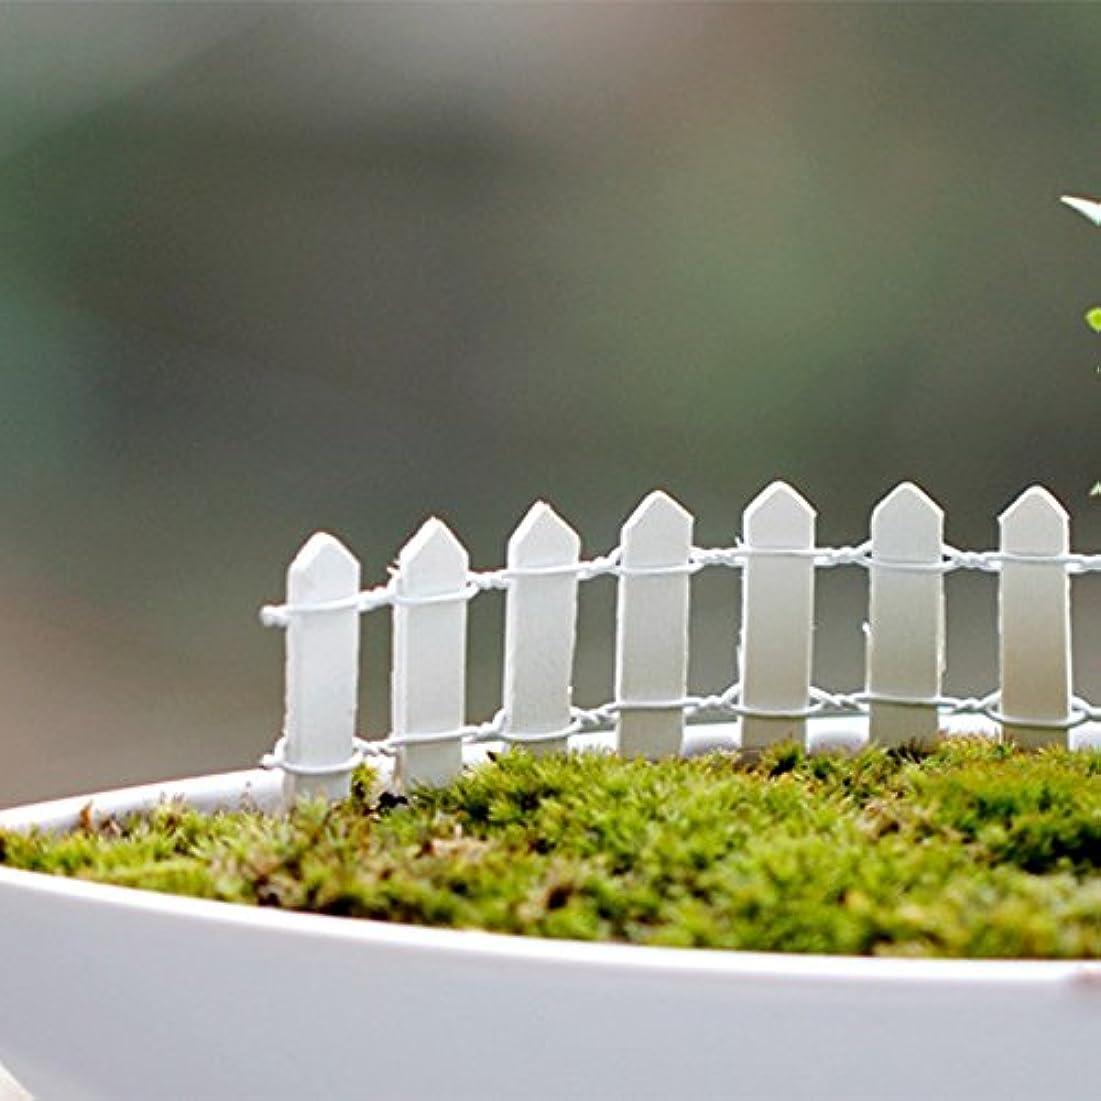 拳夫婦遅いJicorzo - 20個DIY木製の小さなフェンスモステラリウム植木鉢工芸ミニおもちゃフェアリーガーデンミニチュア[ホワイト]